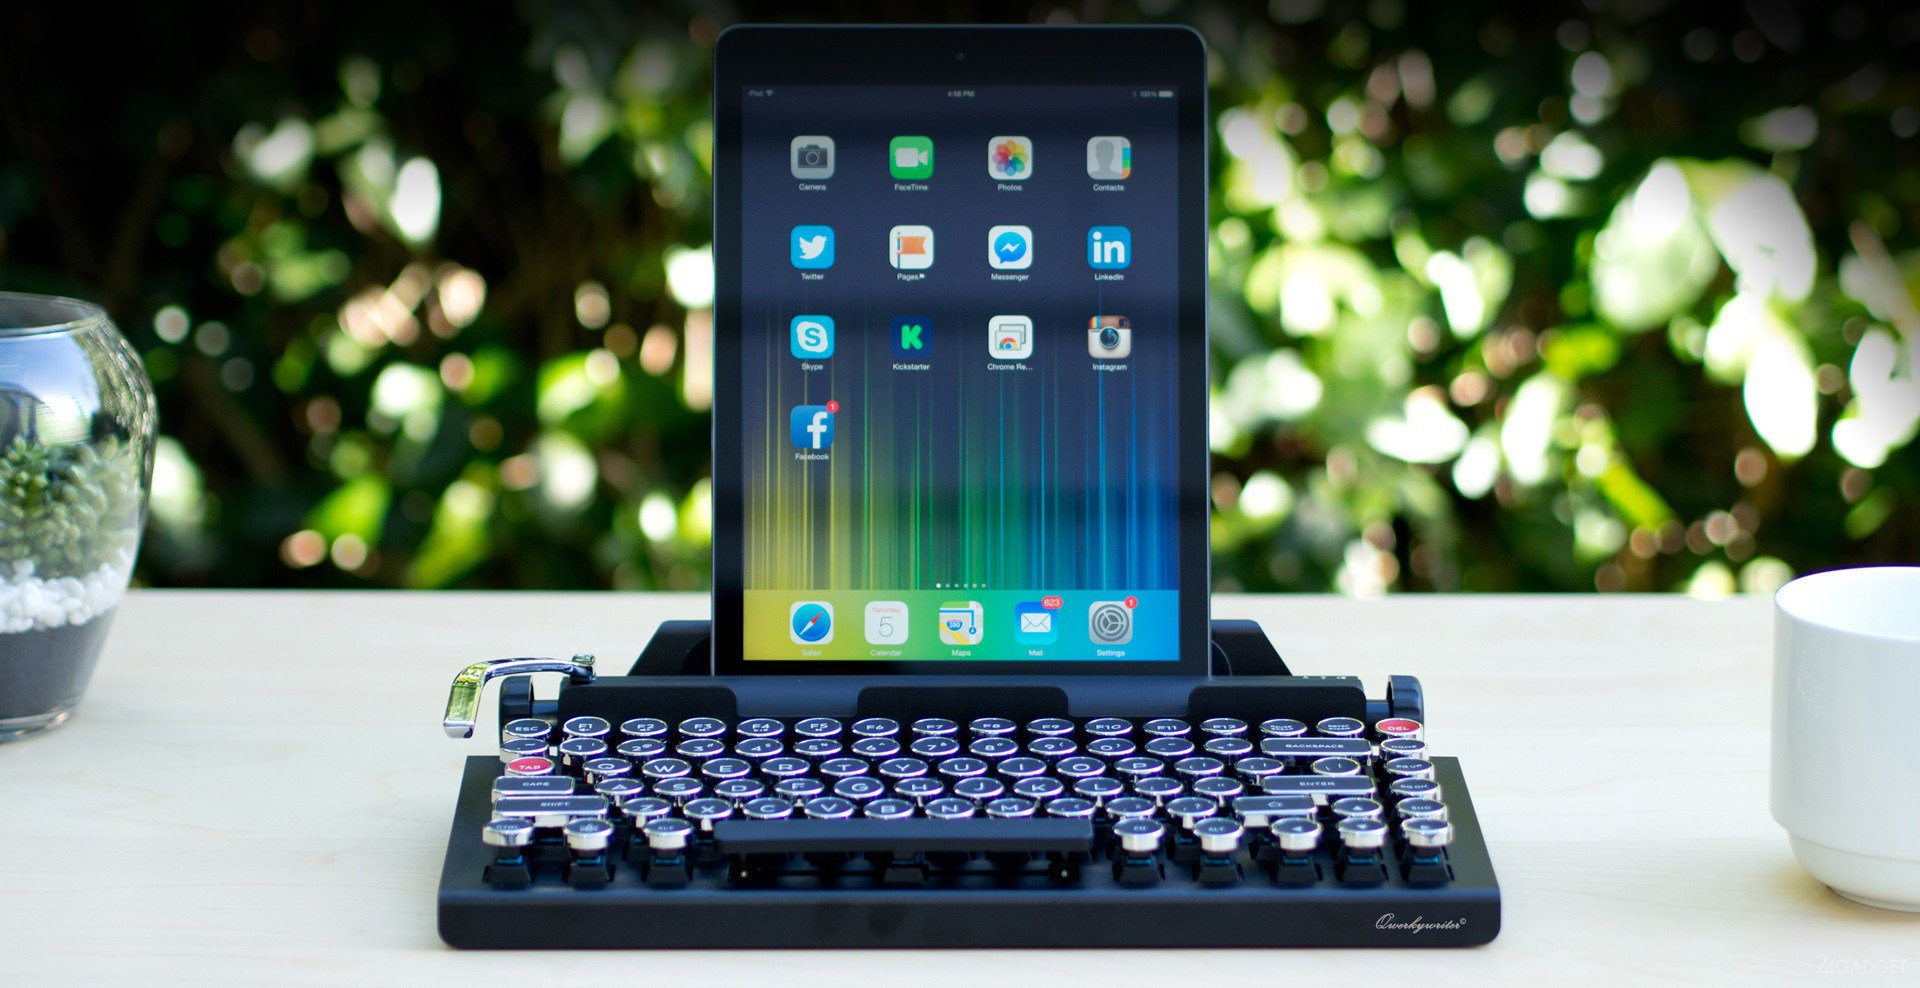 Вводимый с ряда моделей беспроводных клавиатур текст научились перехватывать с расстояния в 75 метров - 1